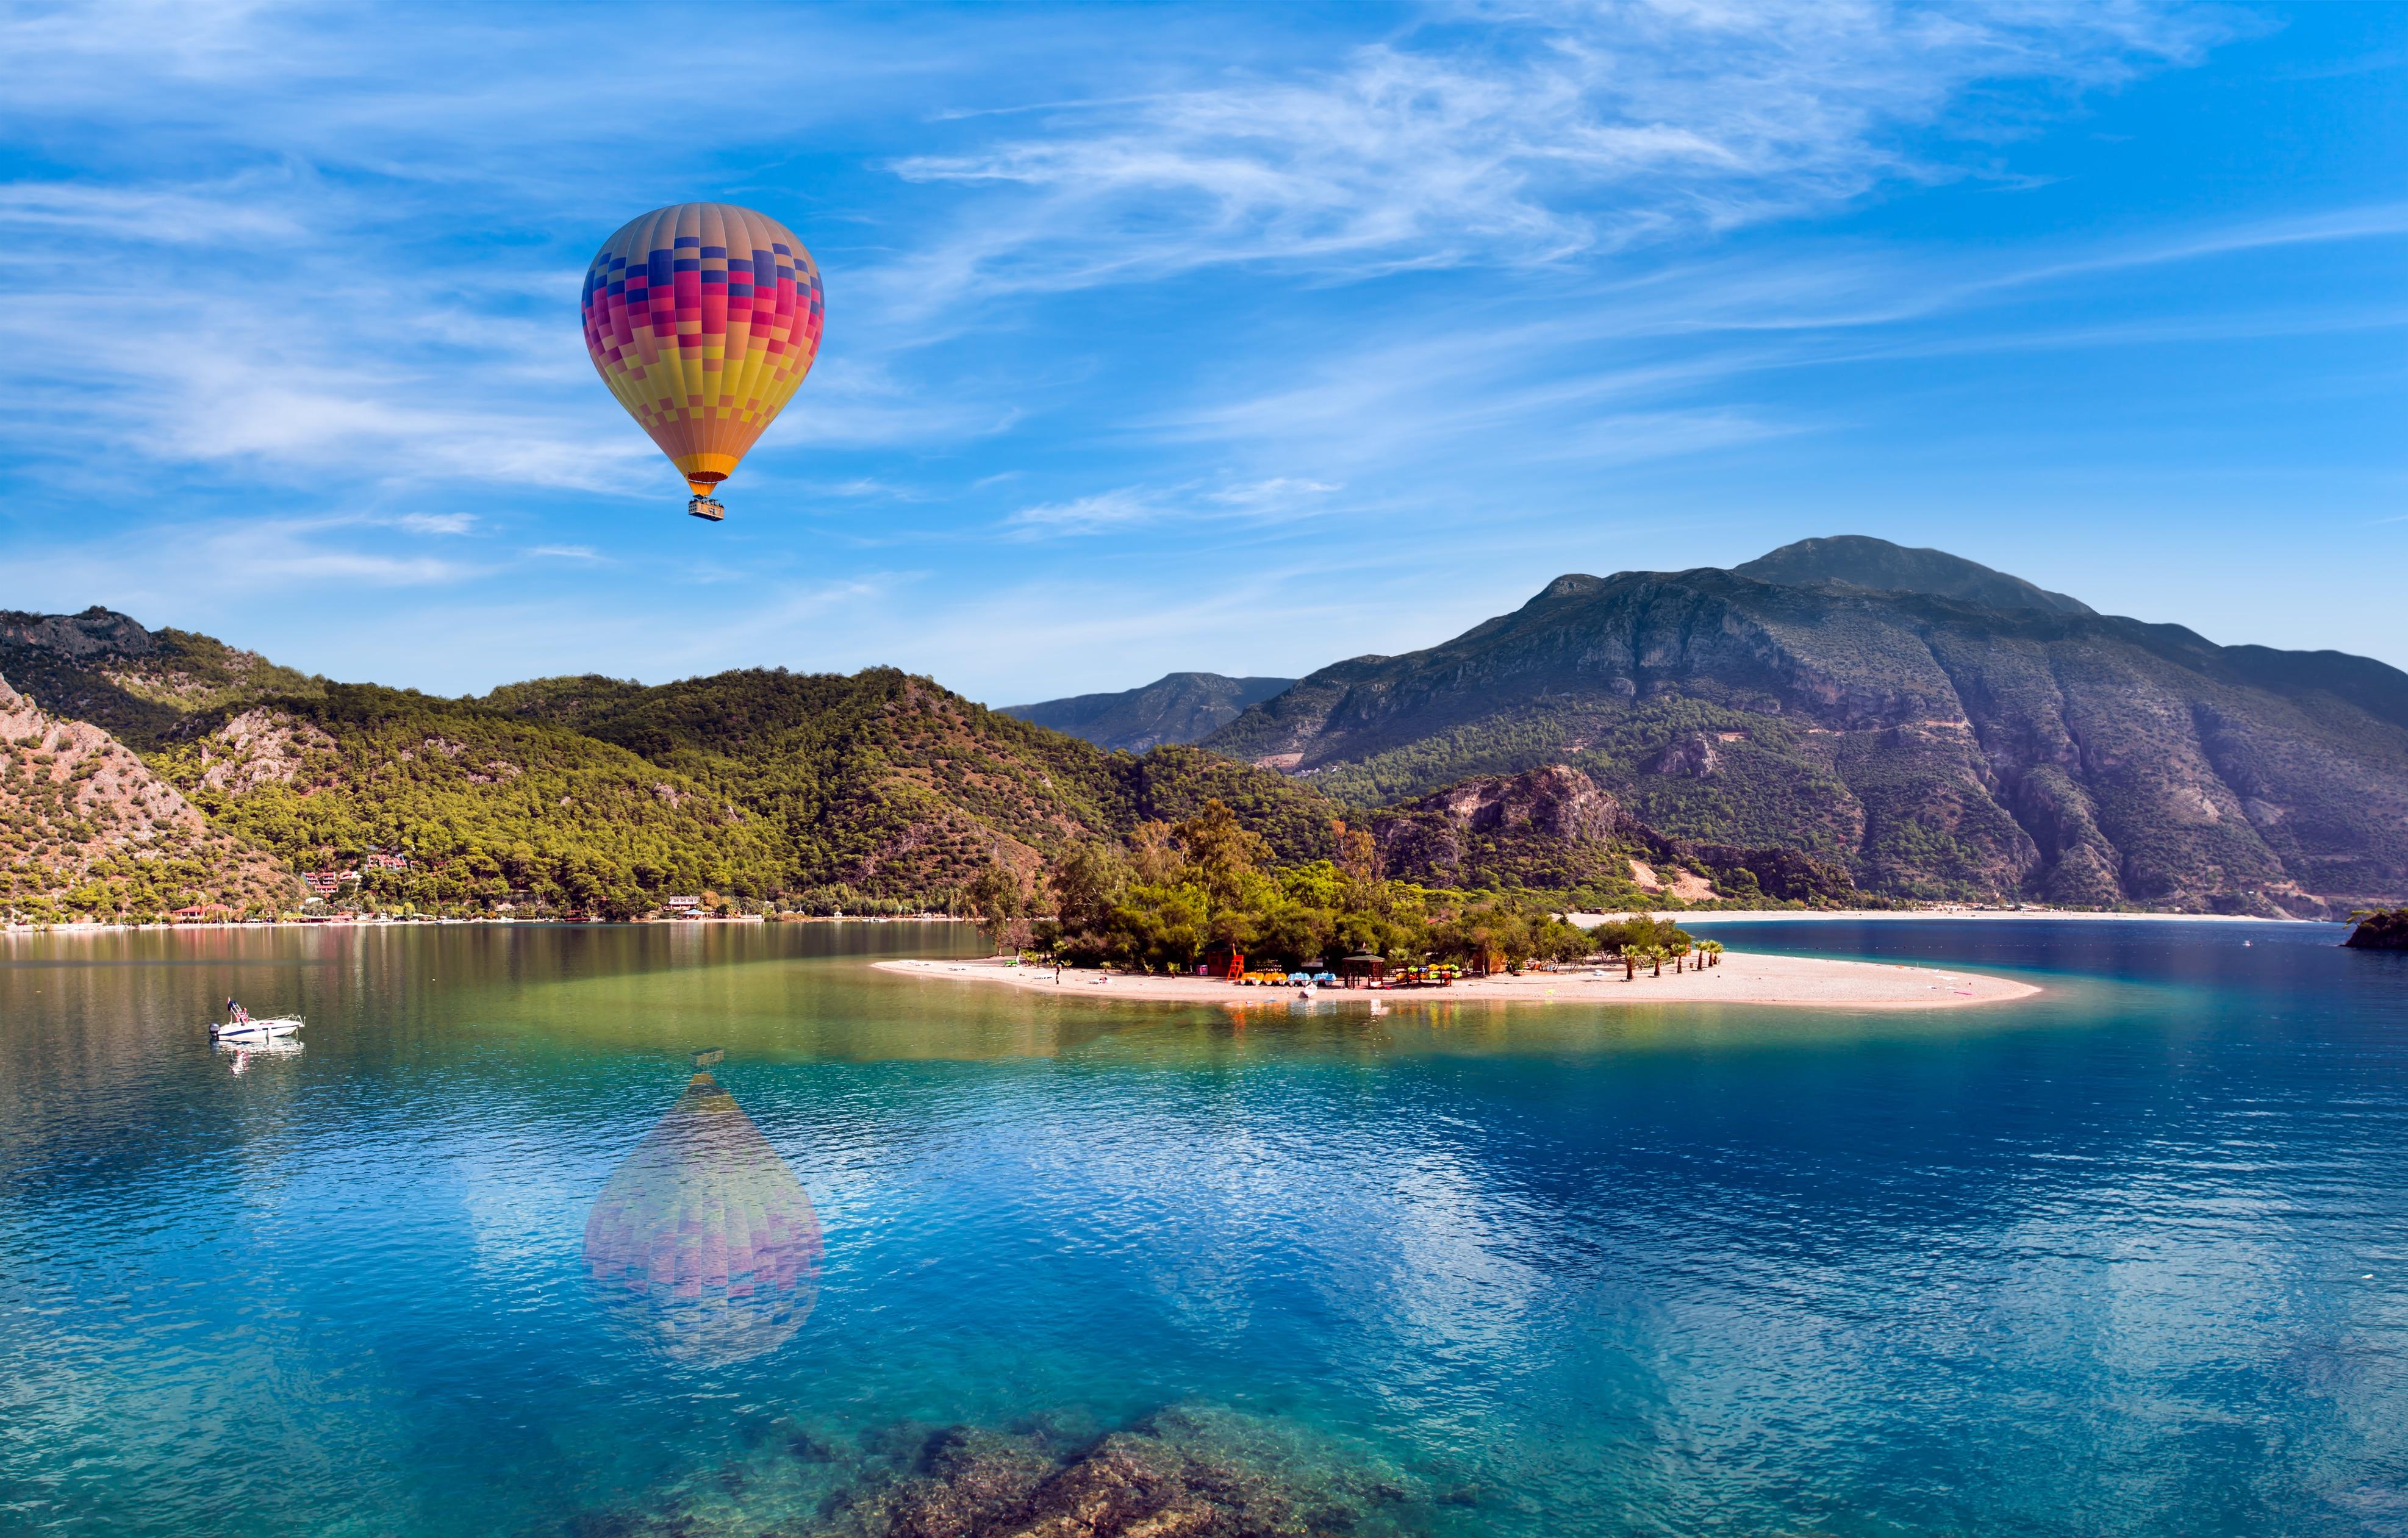 Luchtballon bij Oludeniz, Turkije